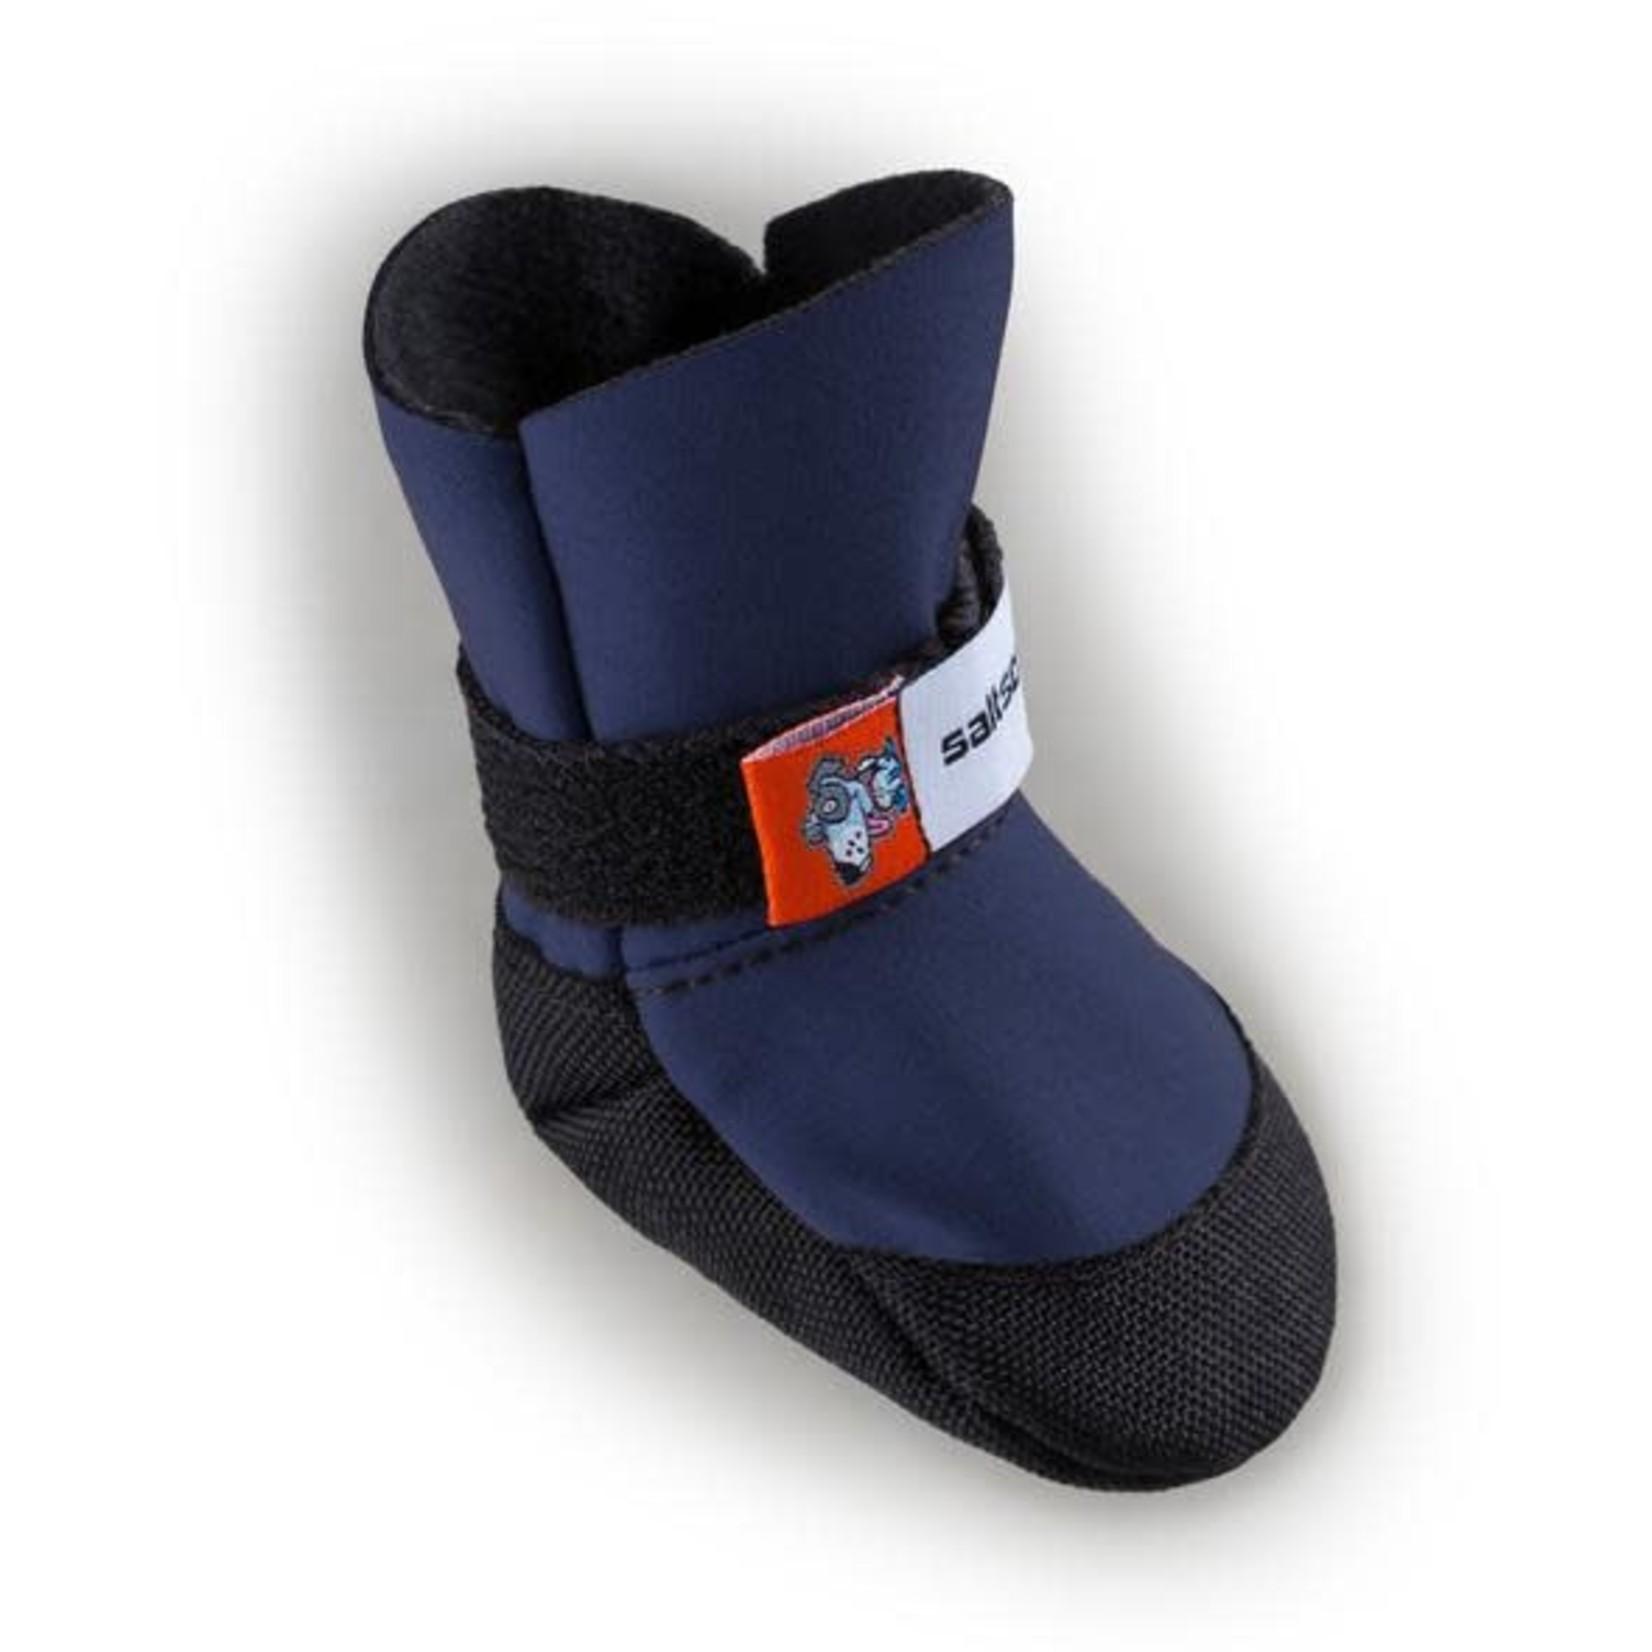 Saltsox Saltsox Boots X-Small Winter Night Blue